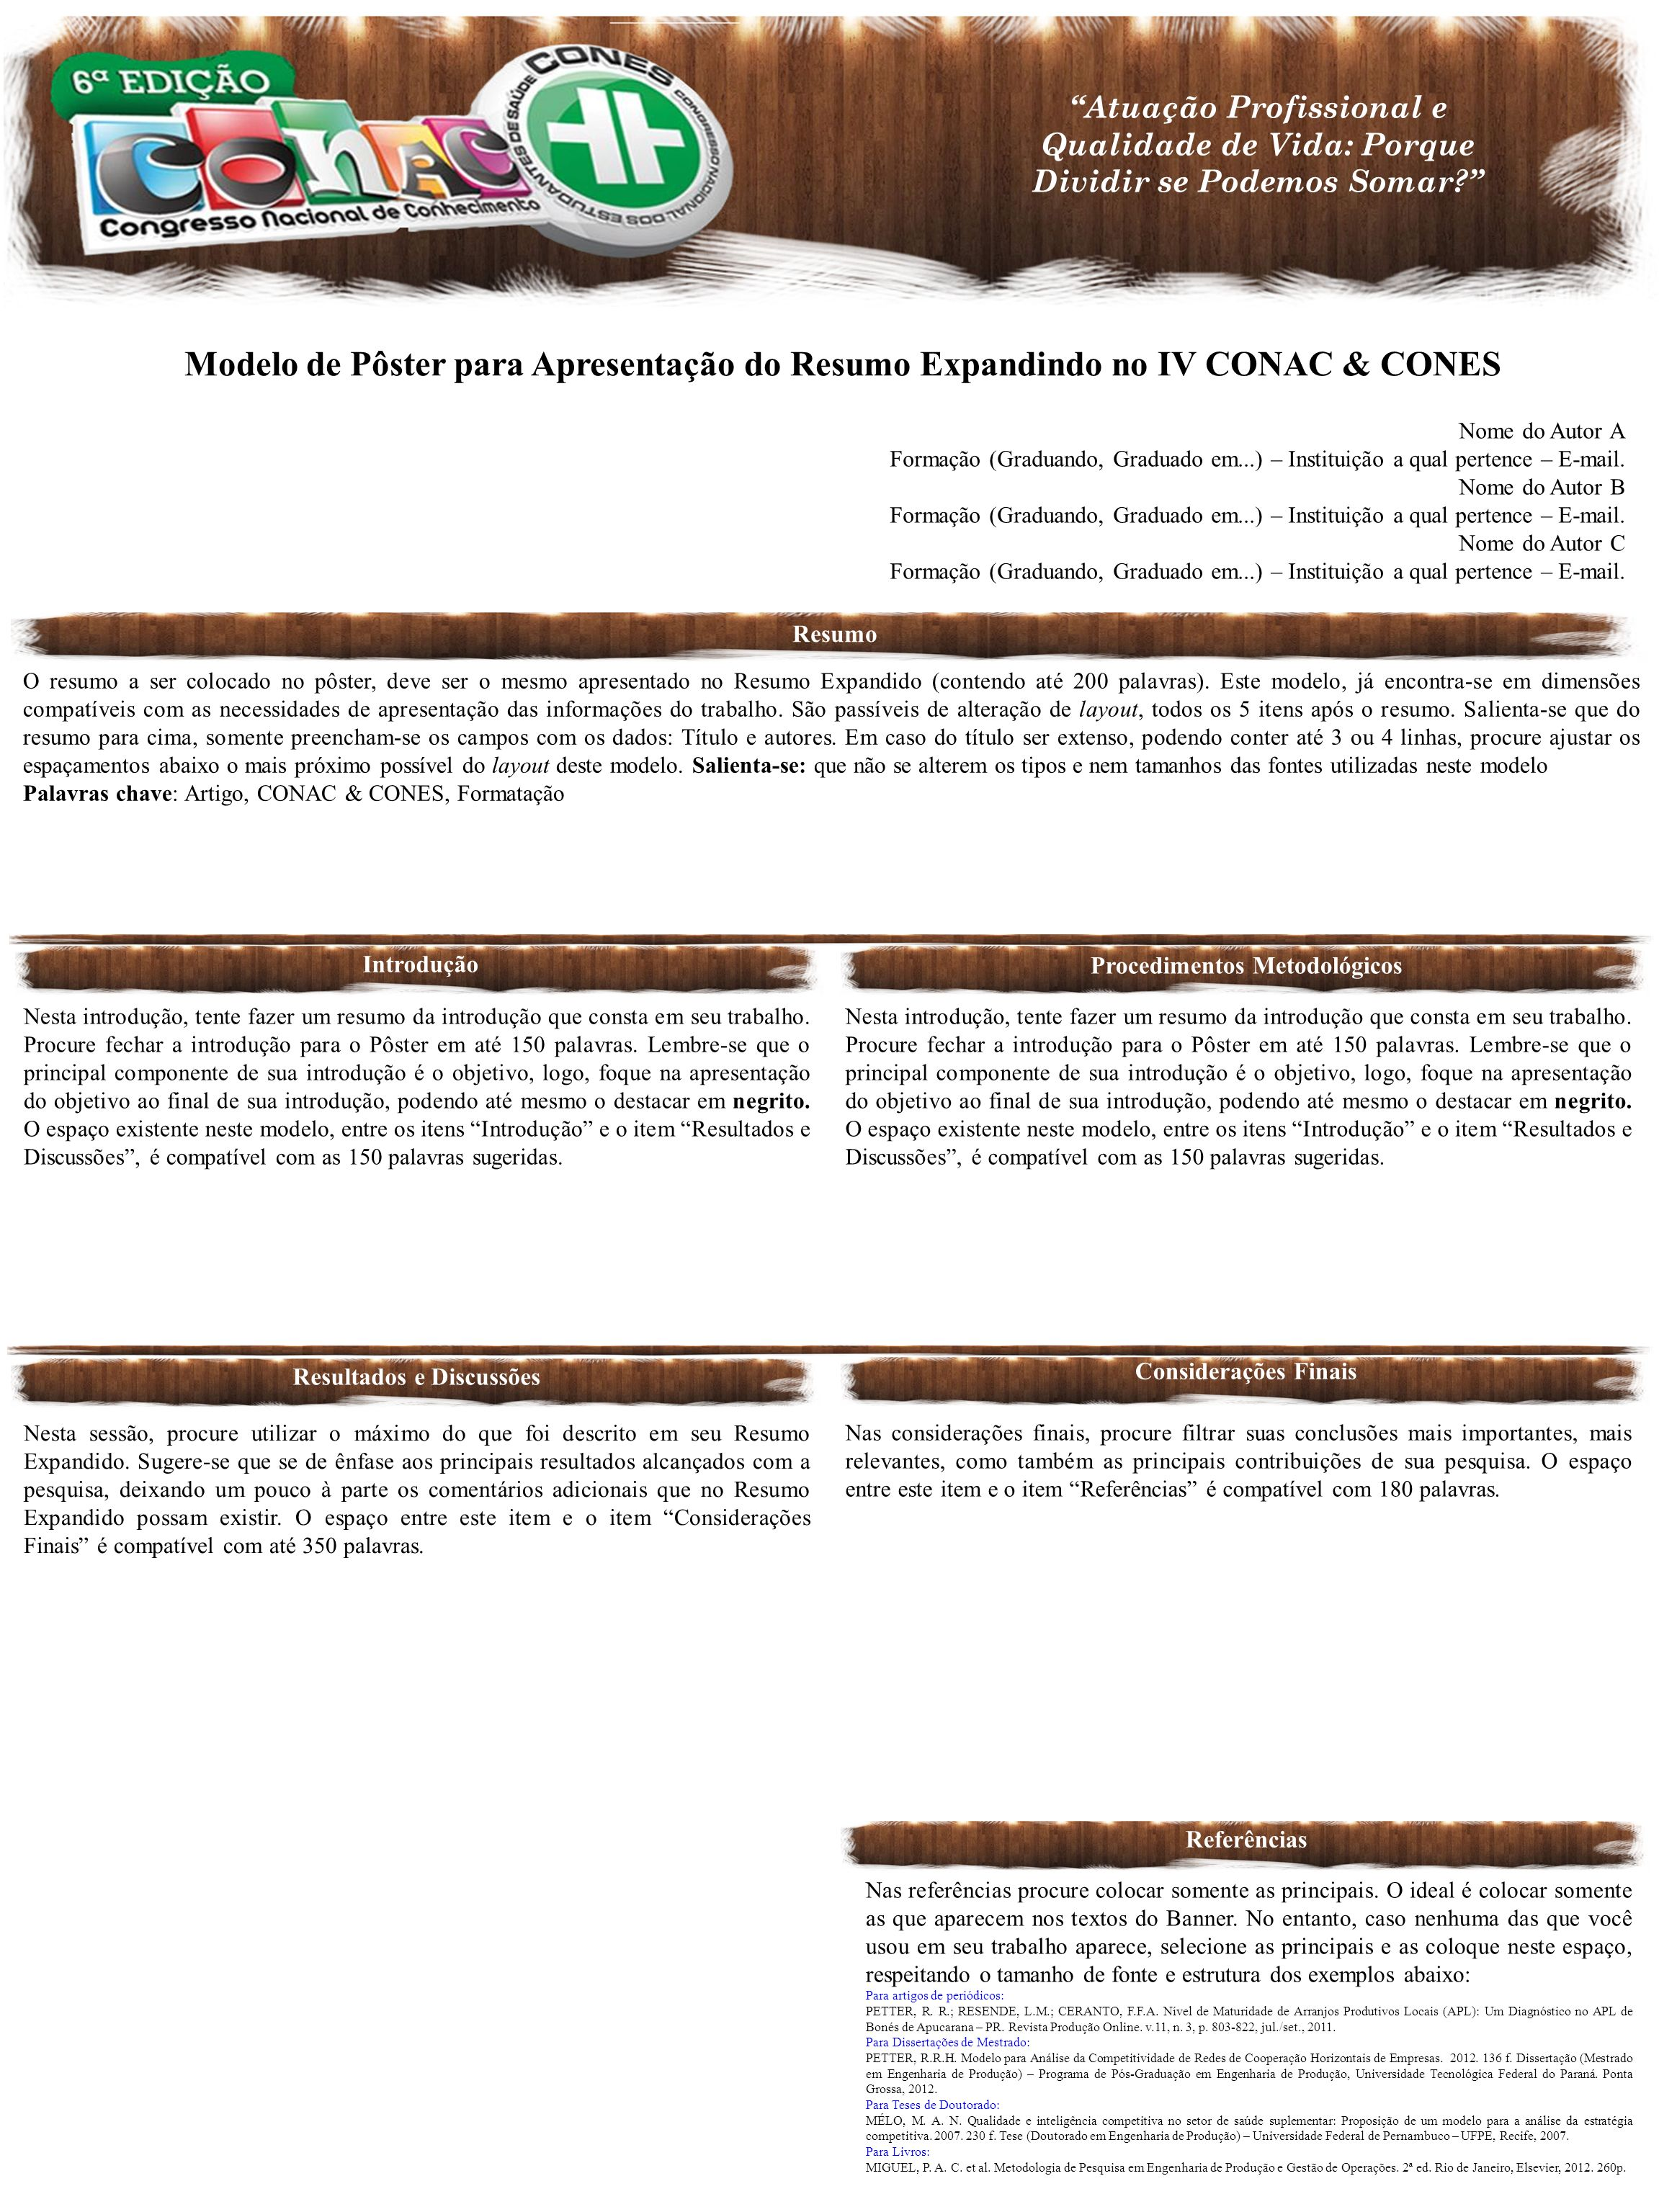 Procedimentos Metodológicos Resultados e Discussões